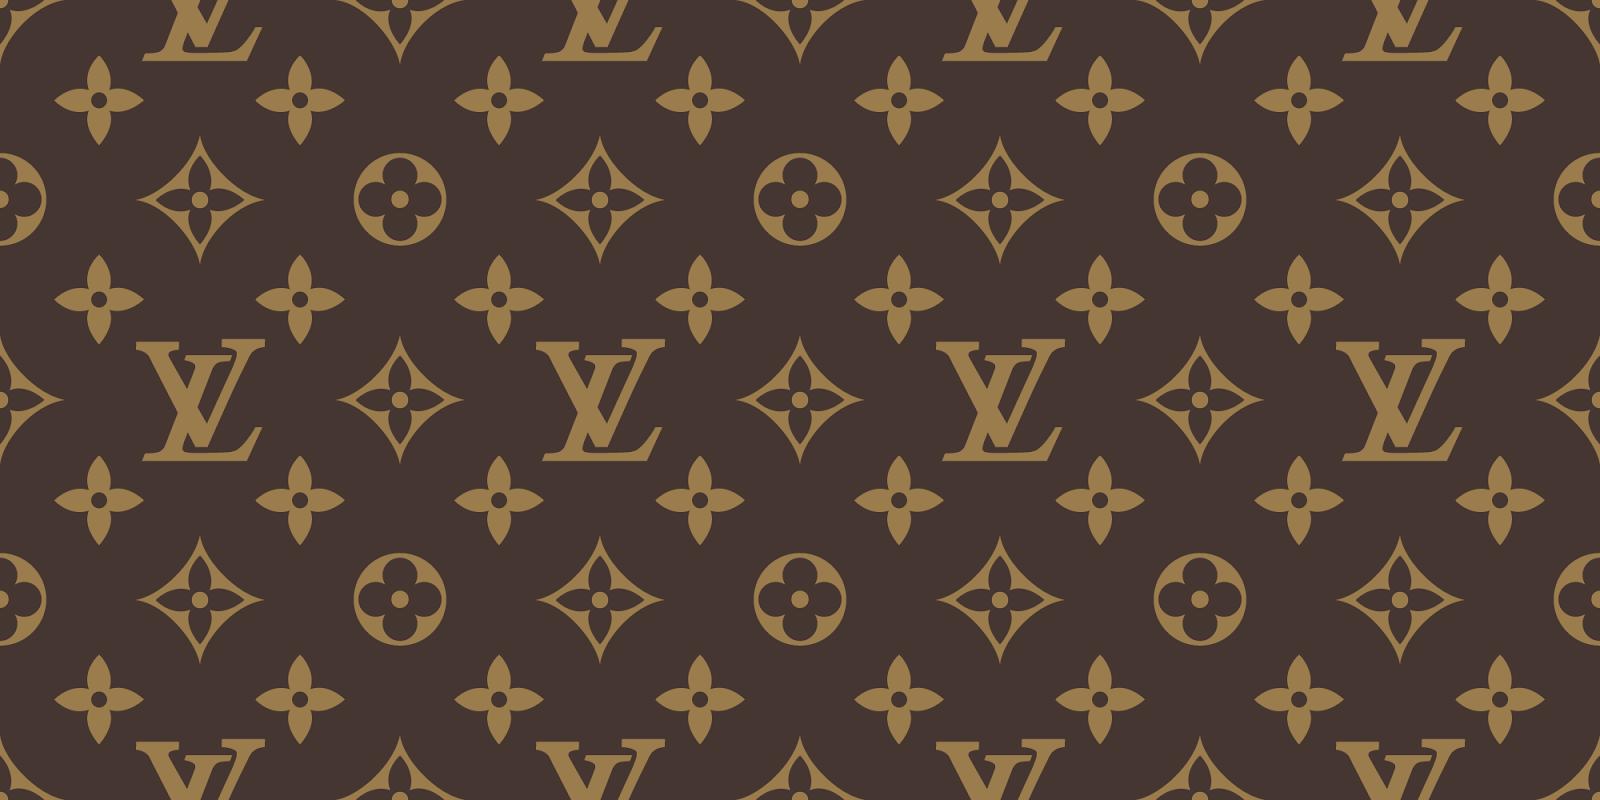 Bolsas Louis Vuitton: Abolsaperfeita.com.br Presenta as